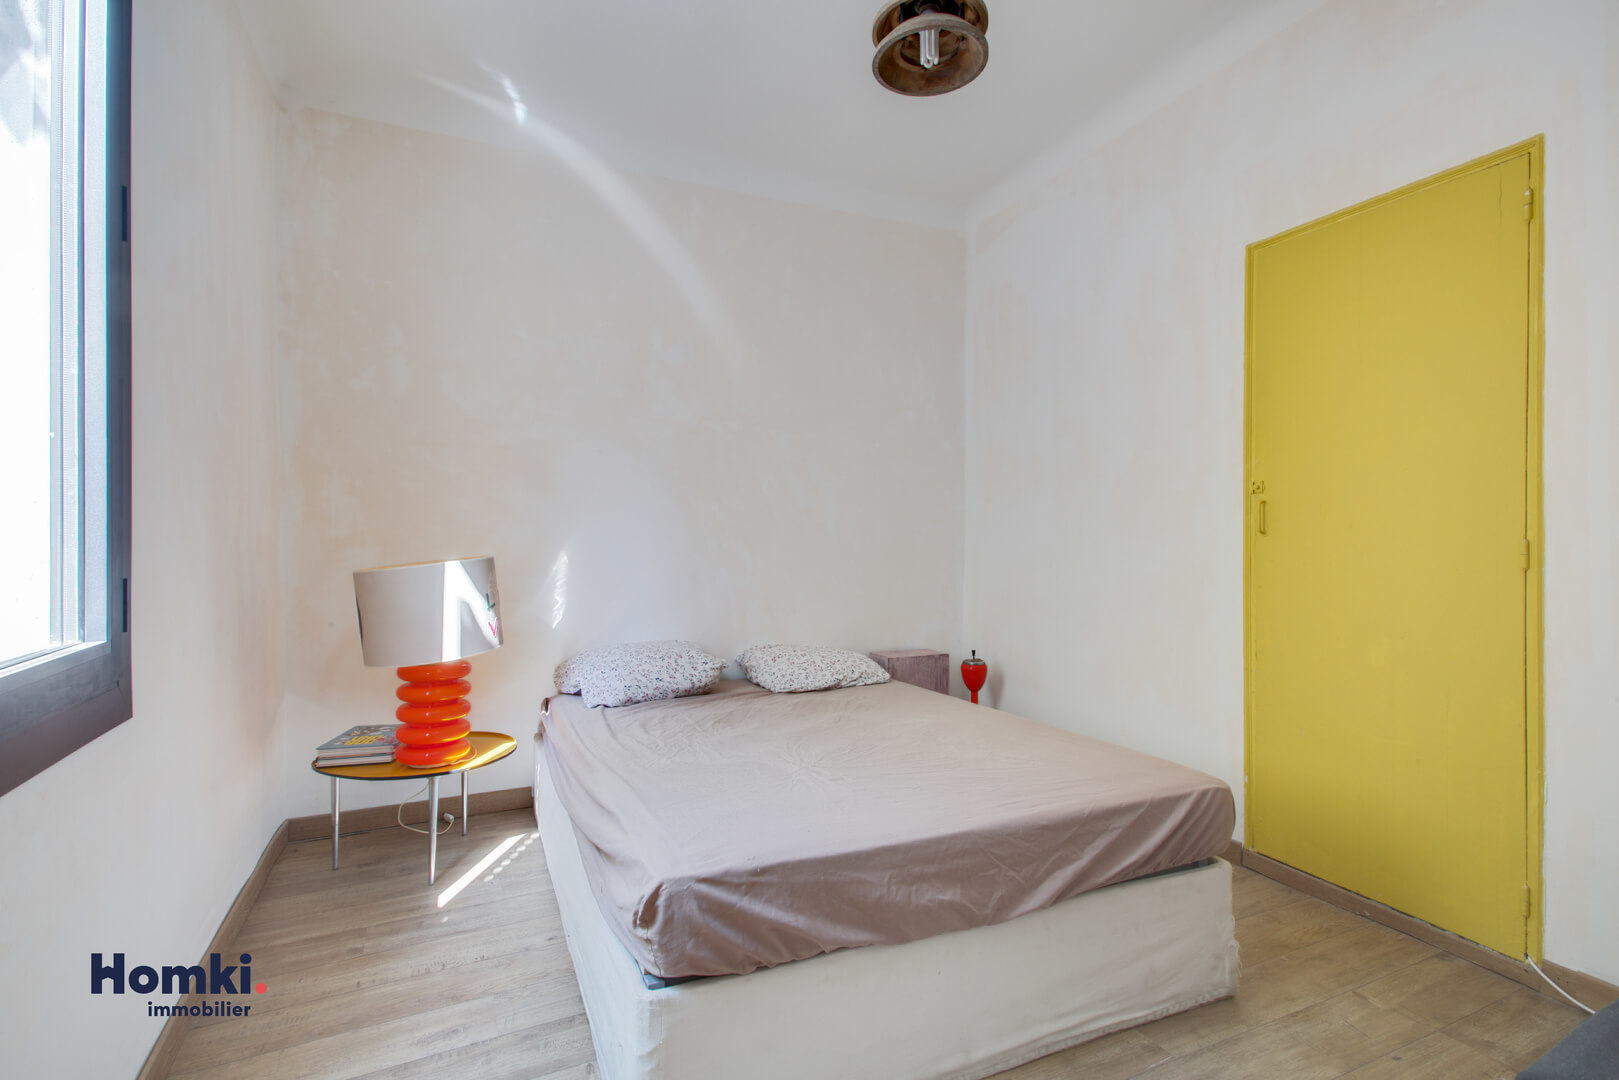 Vente maison 100 m² T4 13007_12